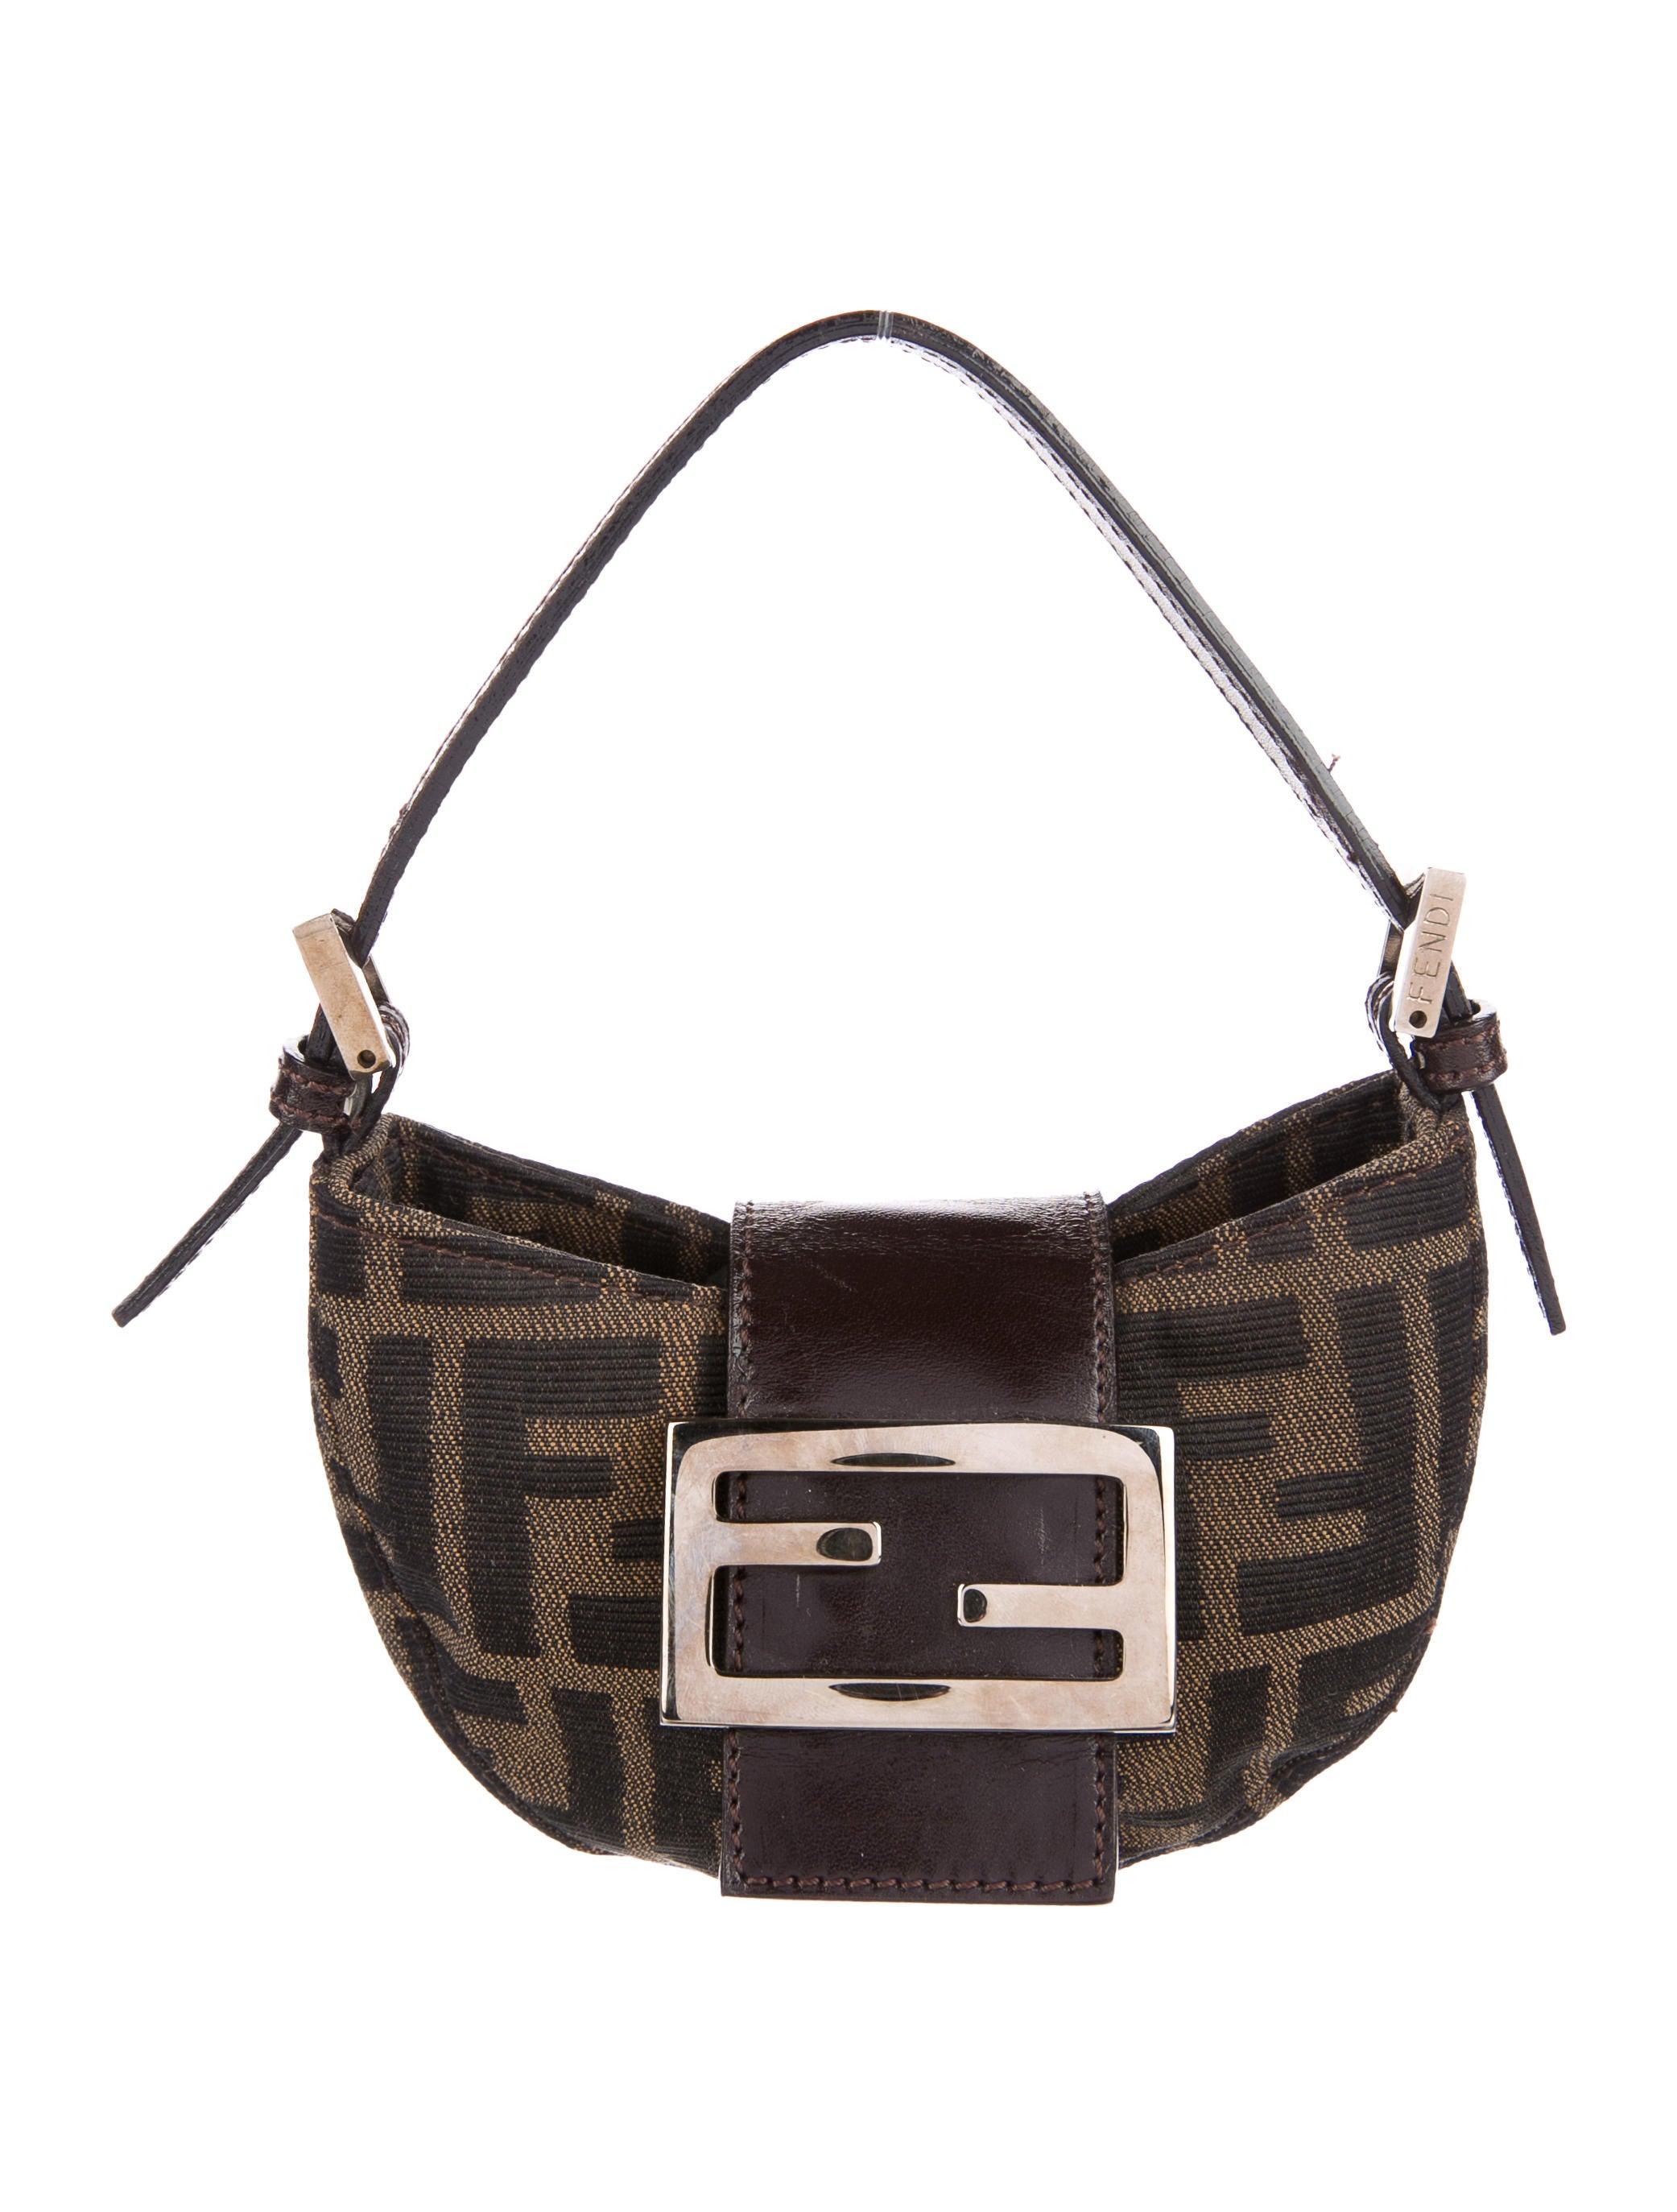 b740cc9d205 Fendi Micro Zucca Baguette Bag - Handbags - FEN62346 | The RealReal